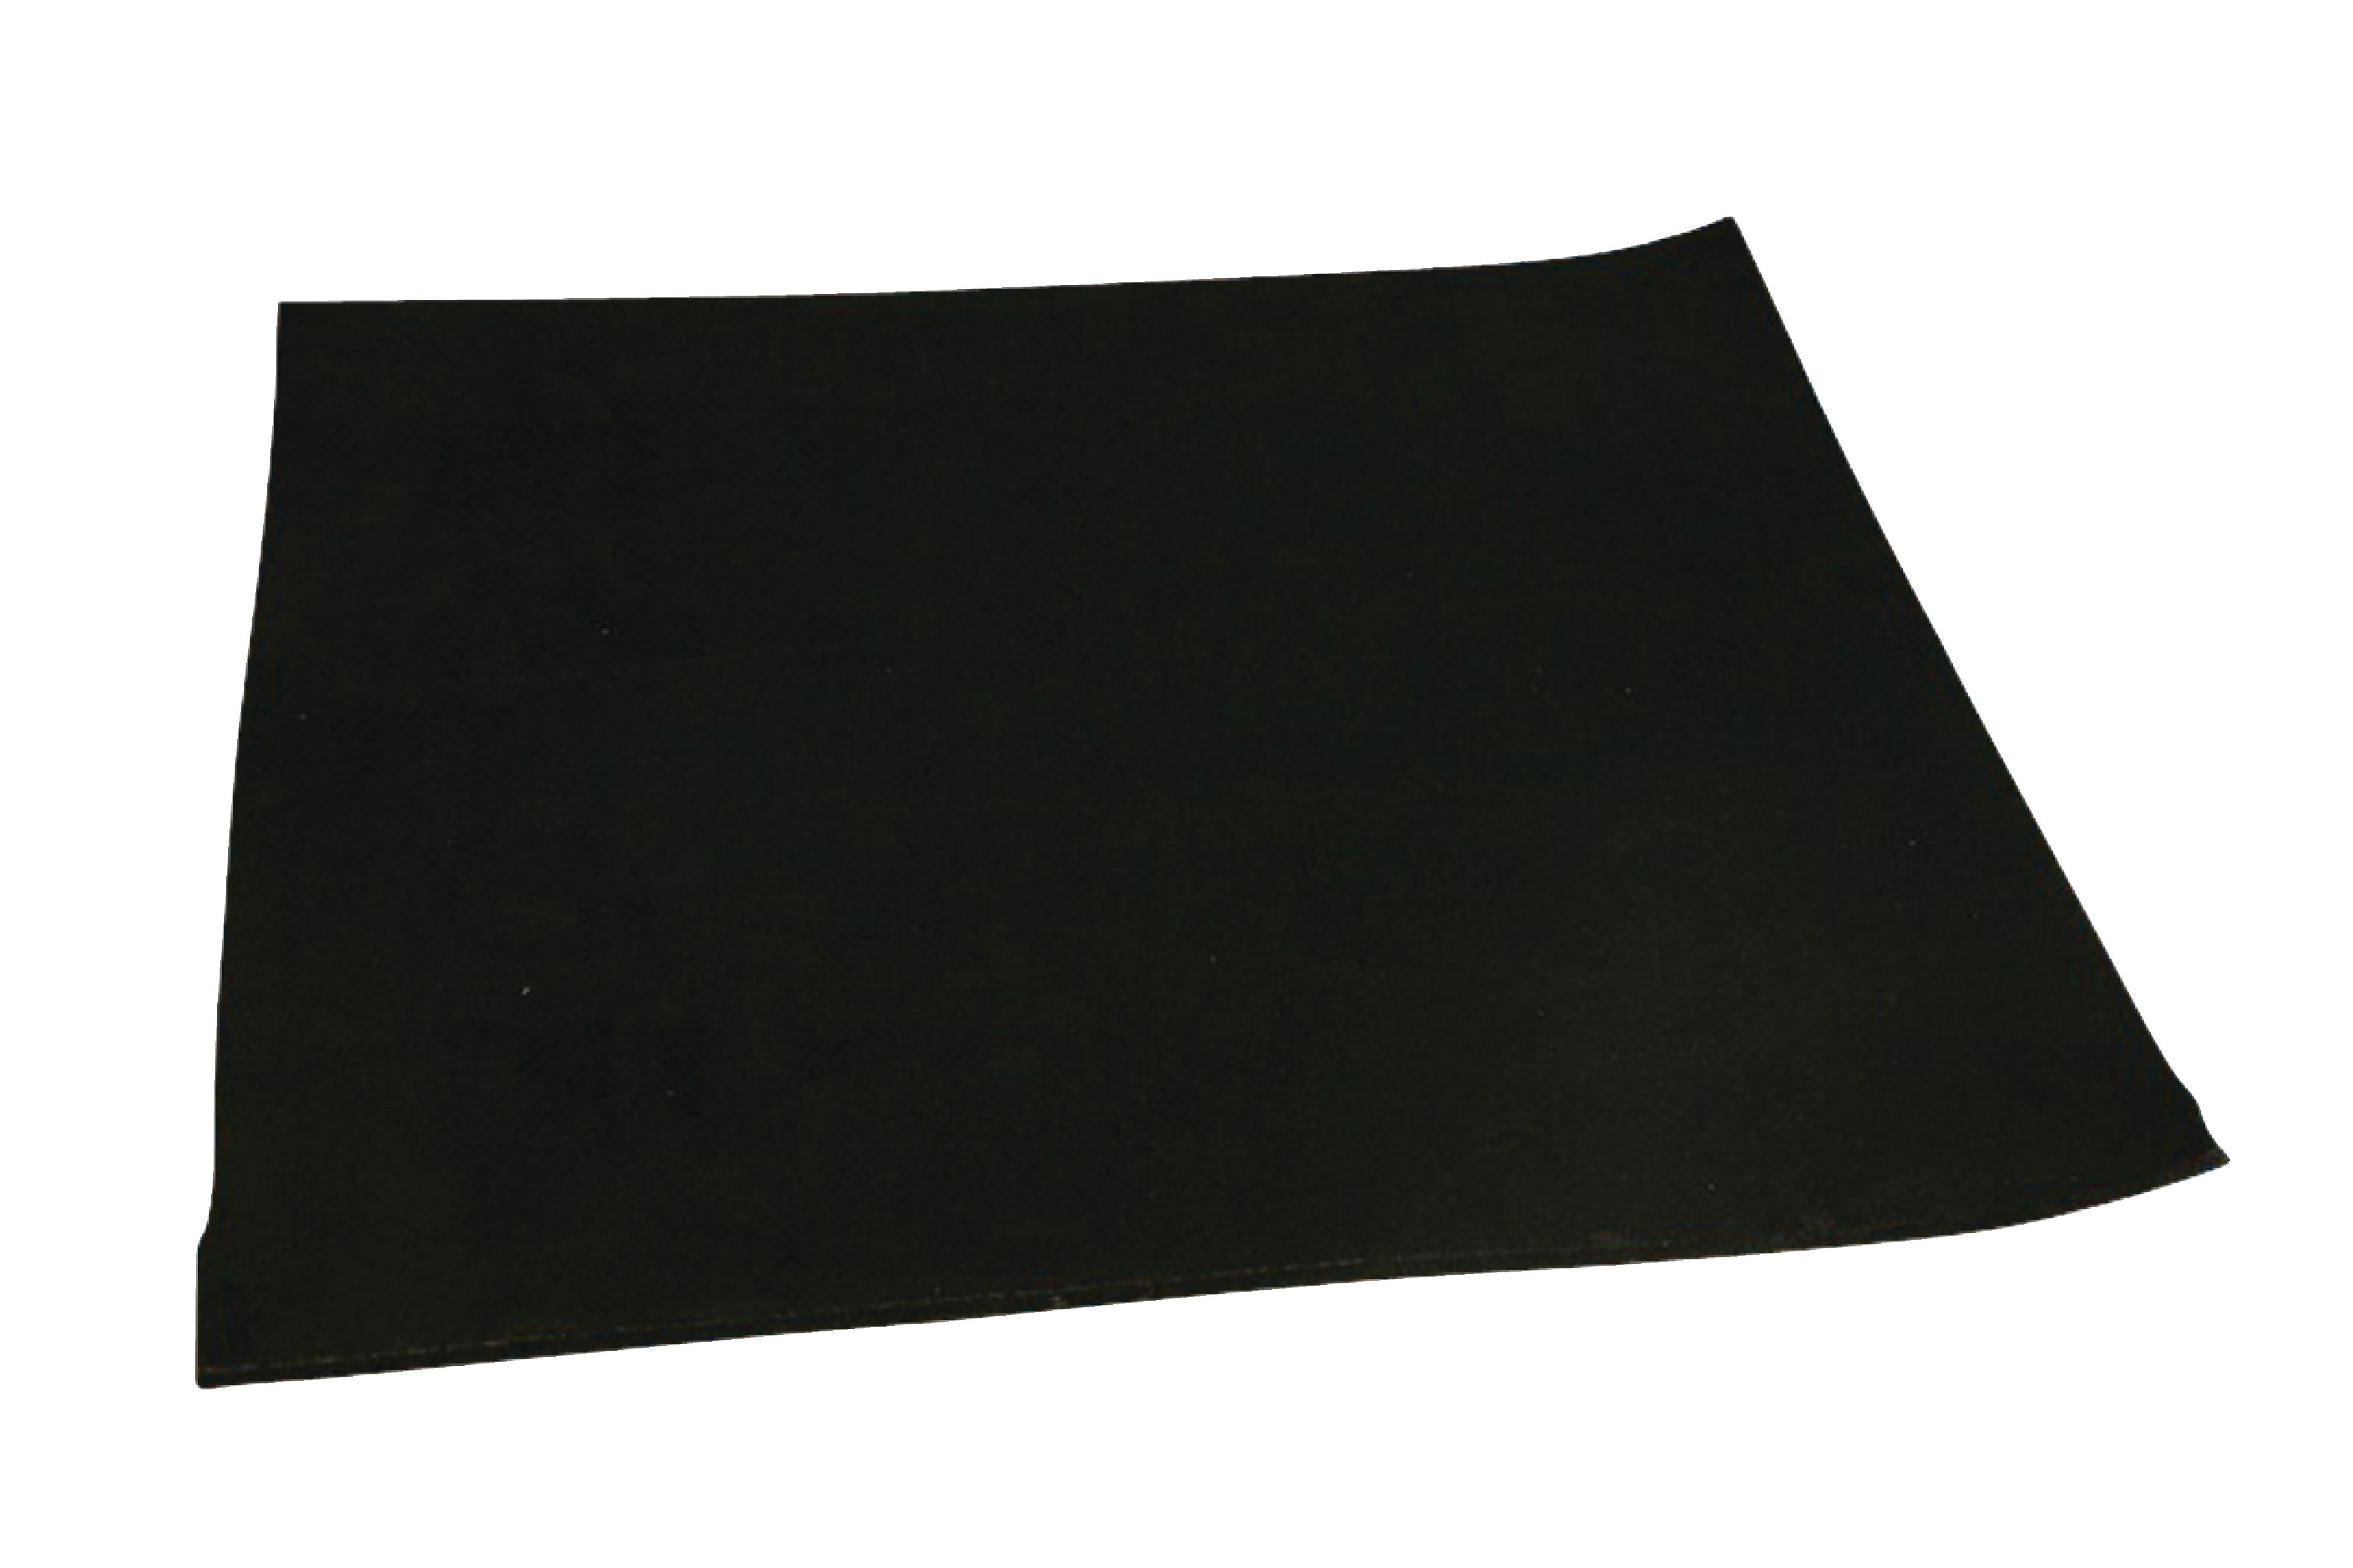 Antivibrační podložka pod pračku W9-ANTIVIBMAT